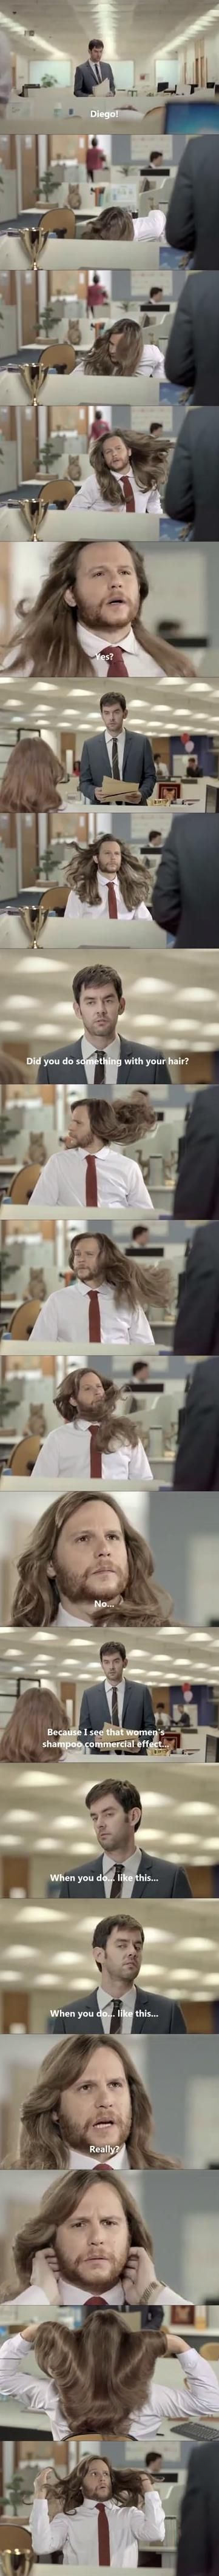 When men use women's shampoo.